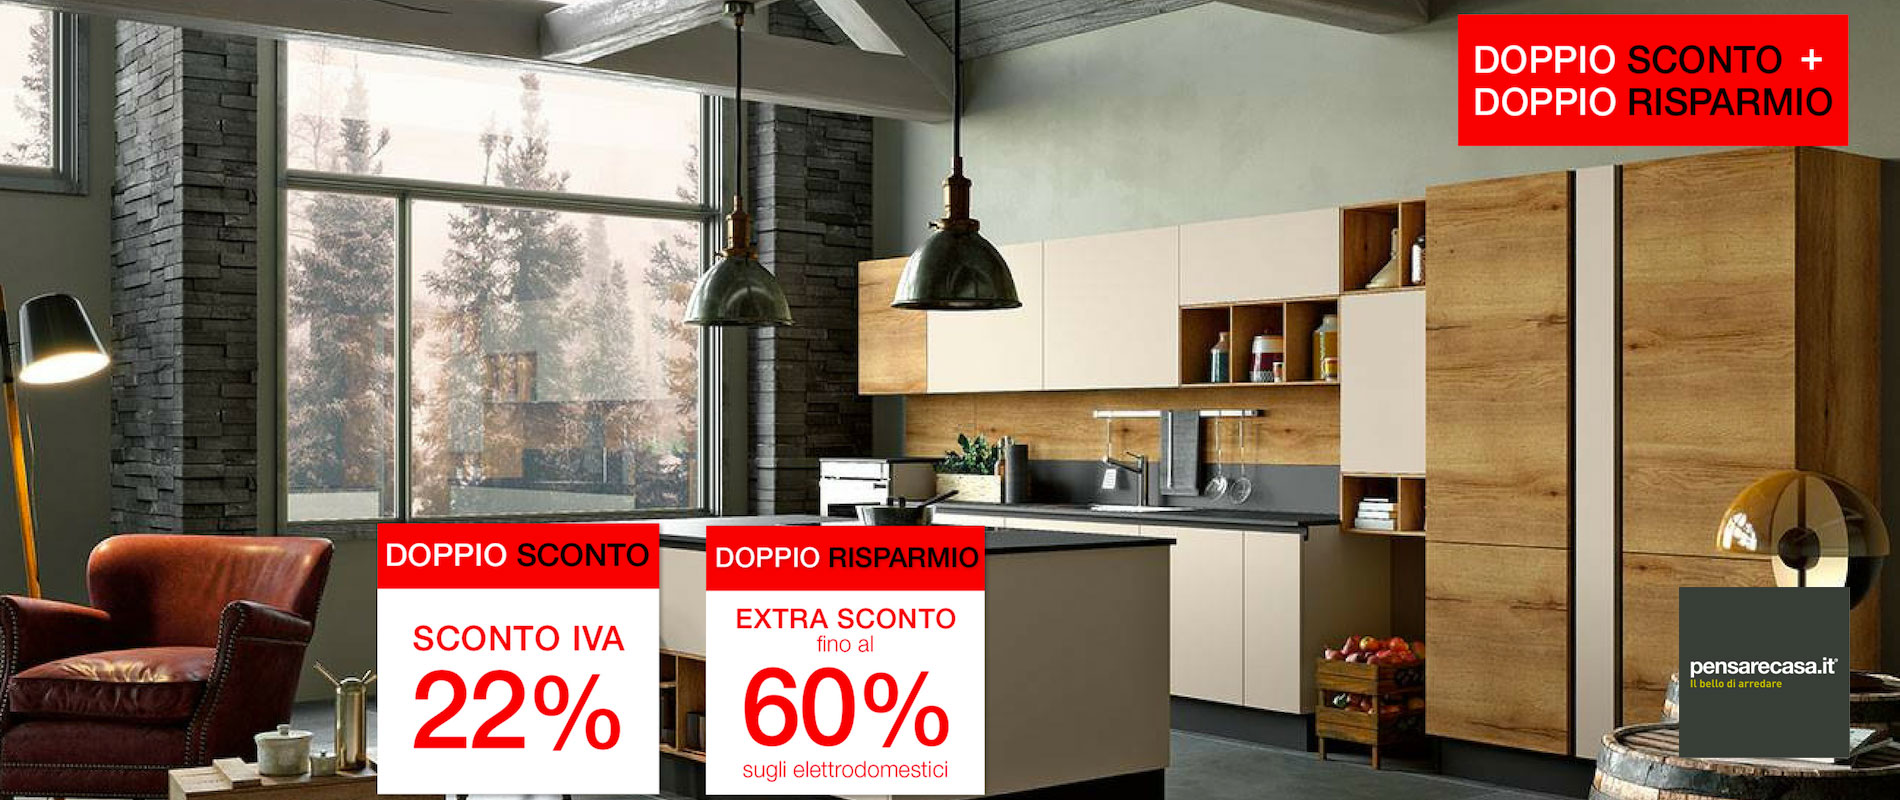 Mobili lanza negozio di arredamento mobili e cucine a for Sconti mobili